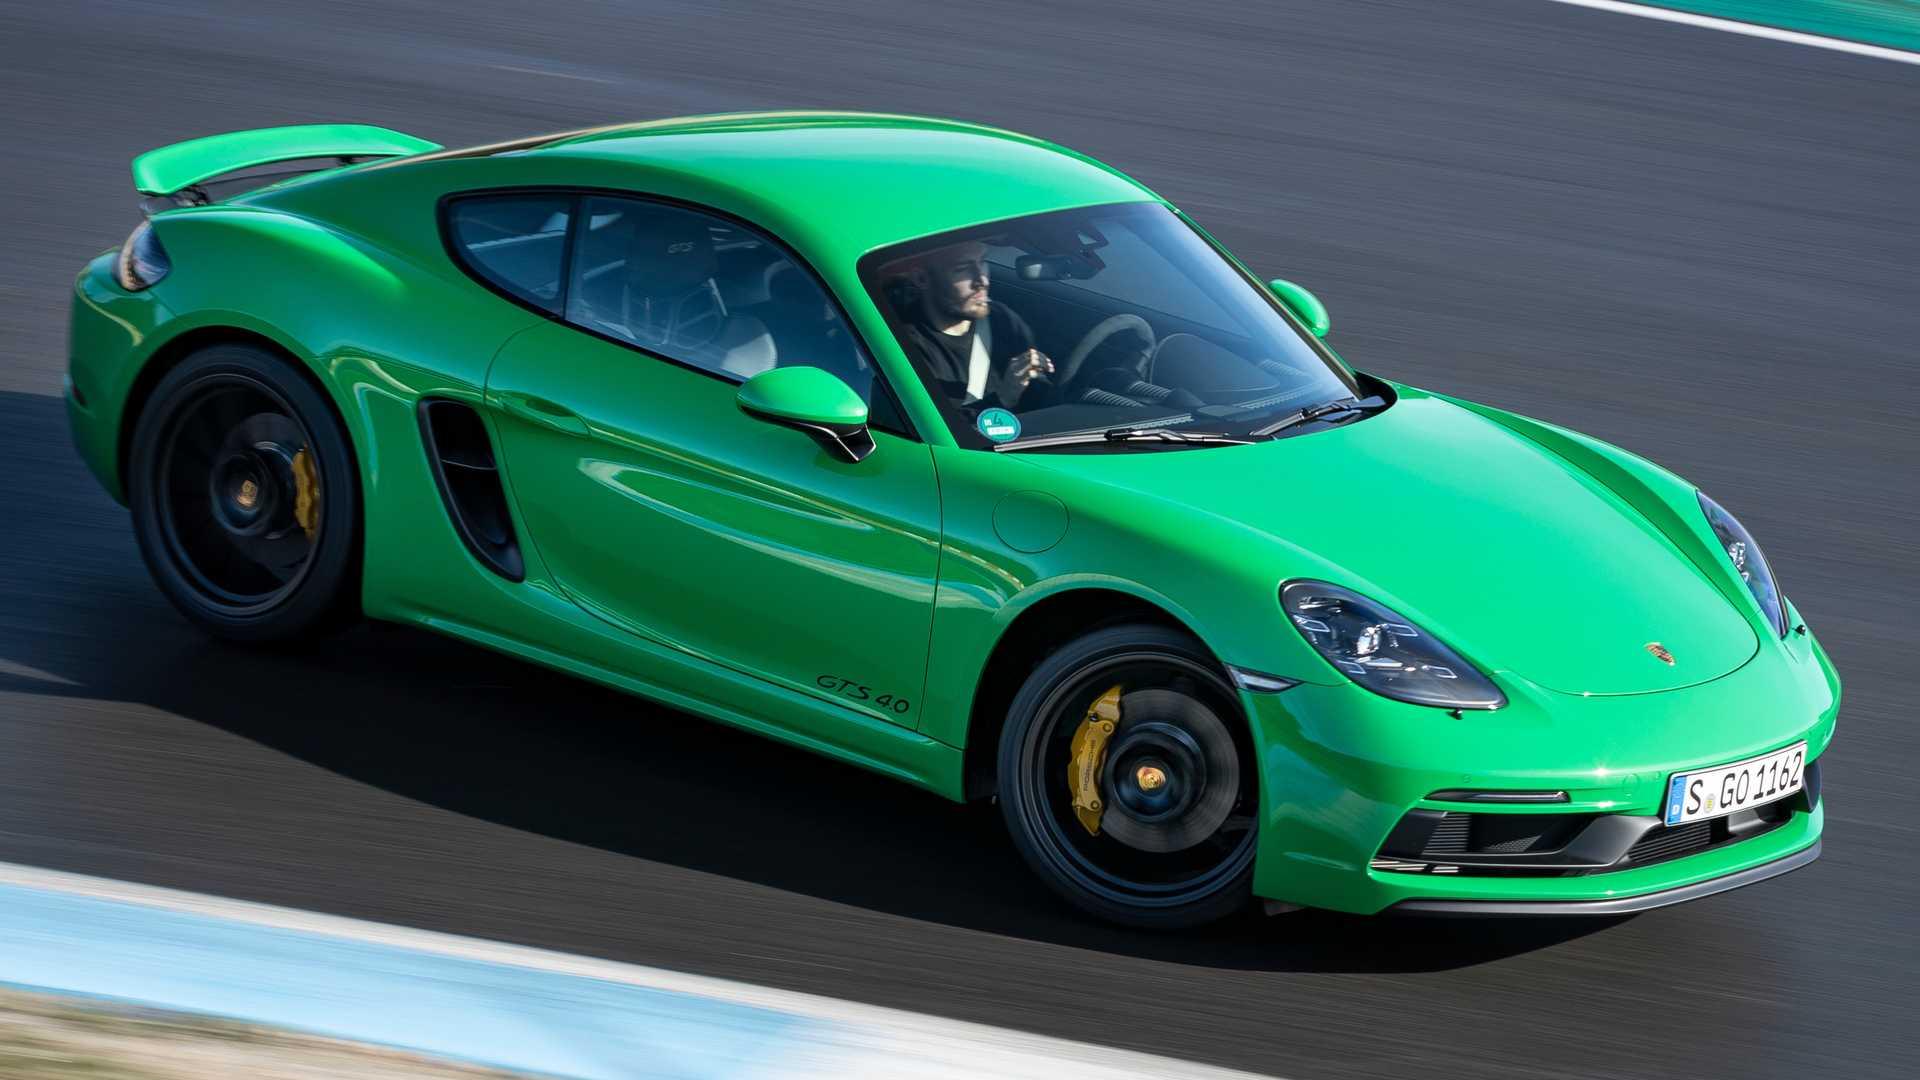 El cambio PDK llega al Porsche Cayman GT4, Spyder y GTS 4.0